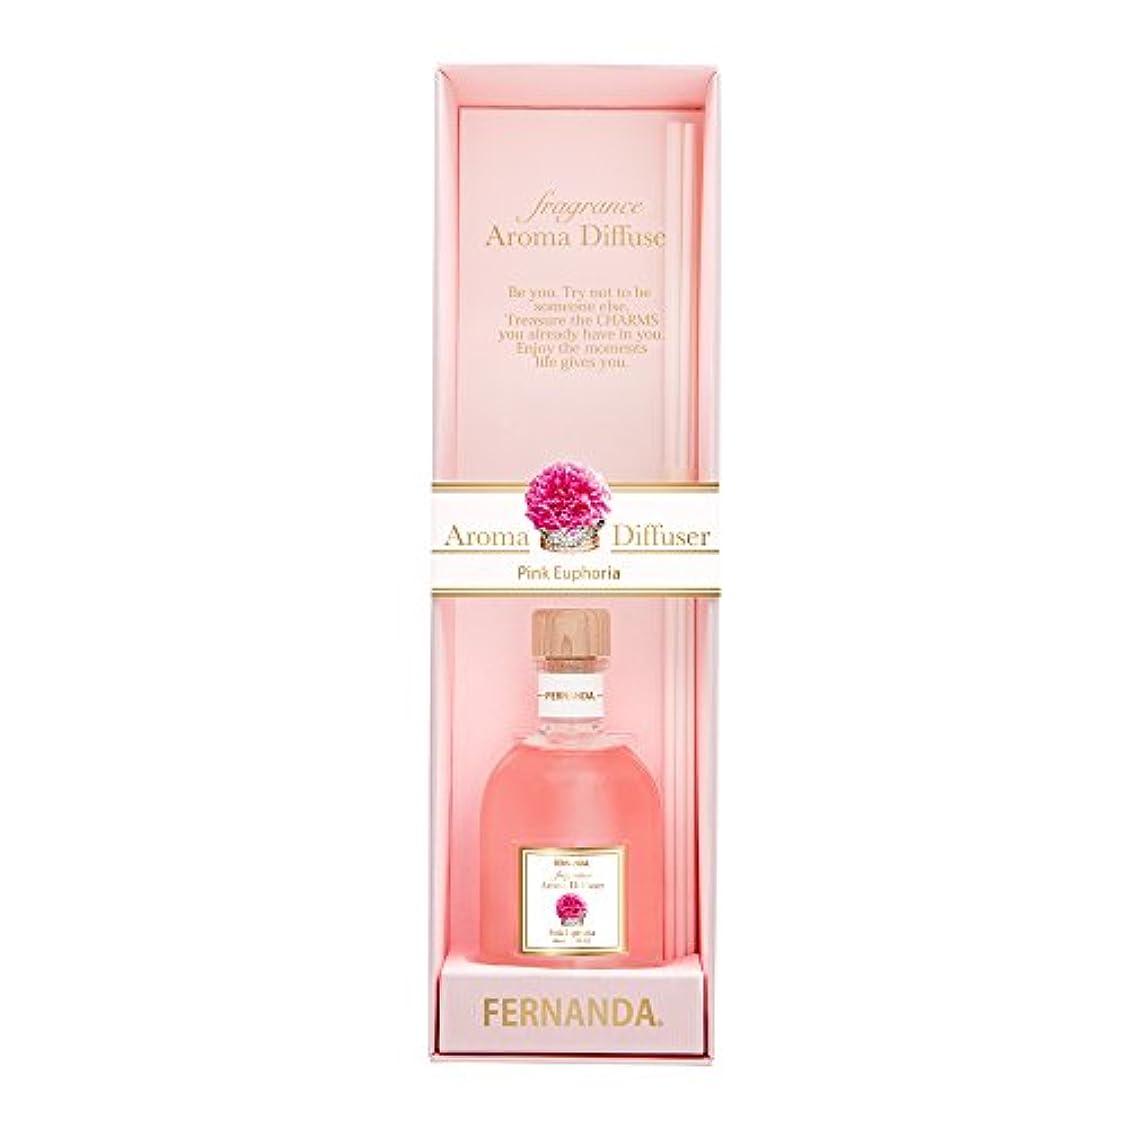 額トリップ容量FERNANDA(フェルナンダ) Fragrance Aroma Diffuser Pink Euphoria (アロマディフューザー ピンクエウフォリア)